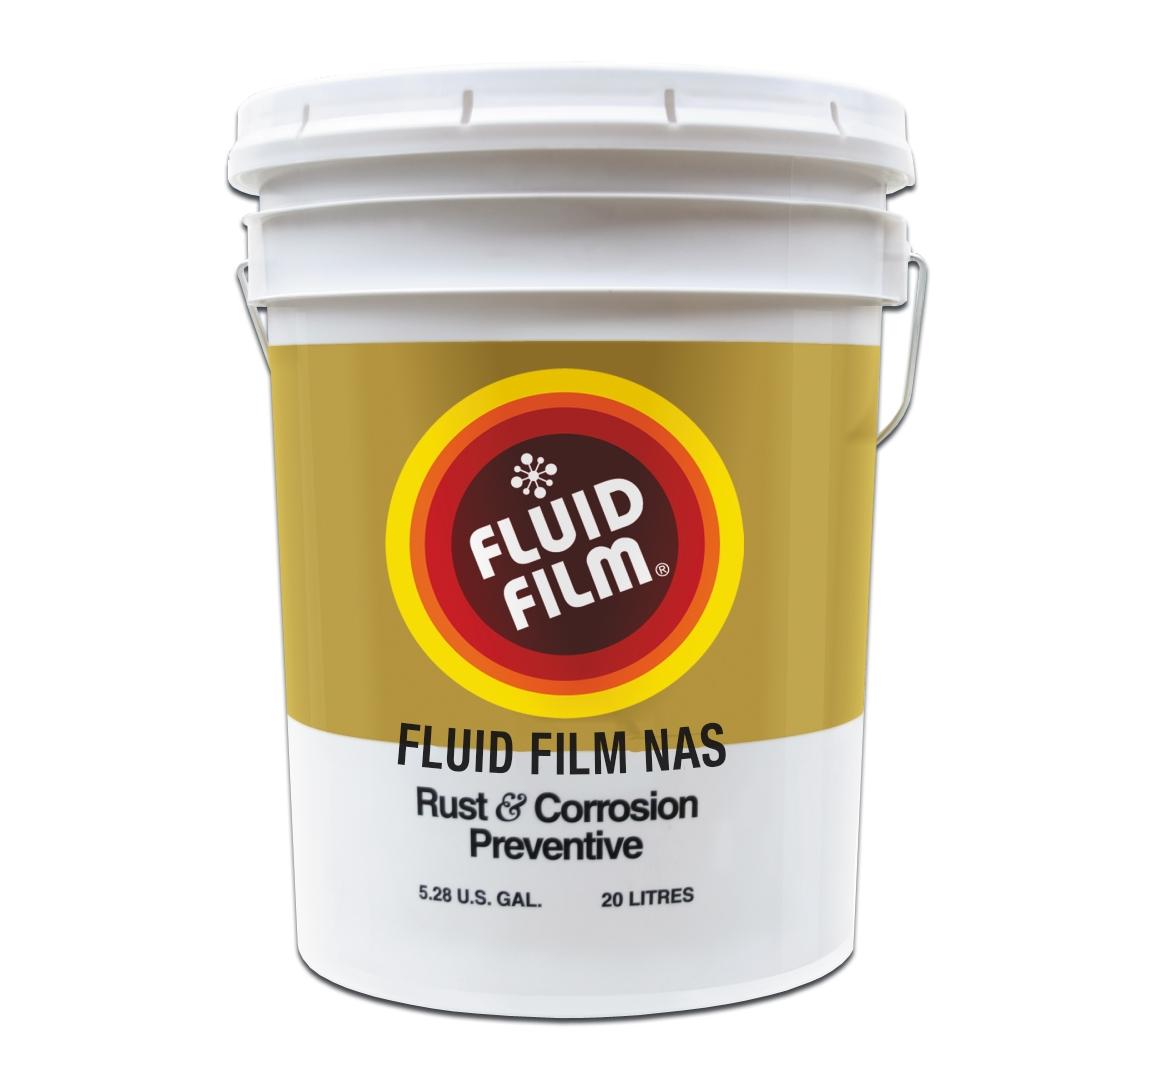 Fluid Film NAS 20 ltr